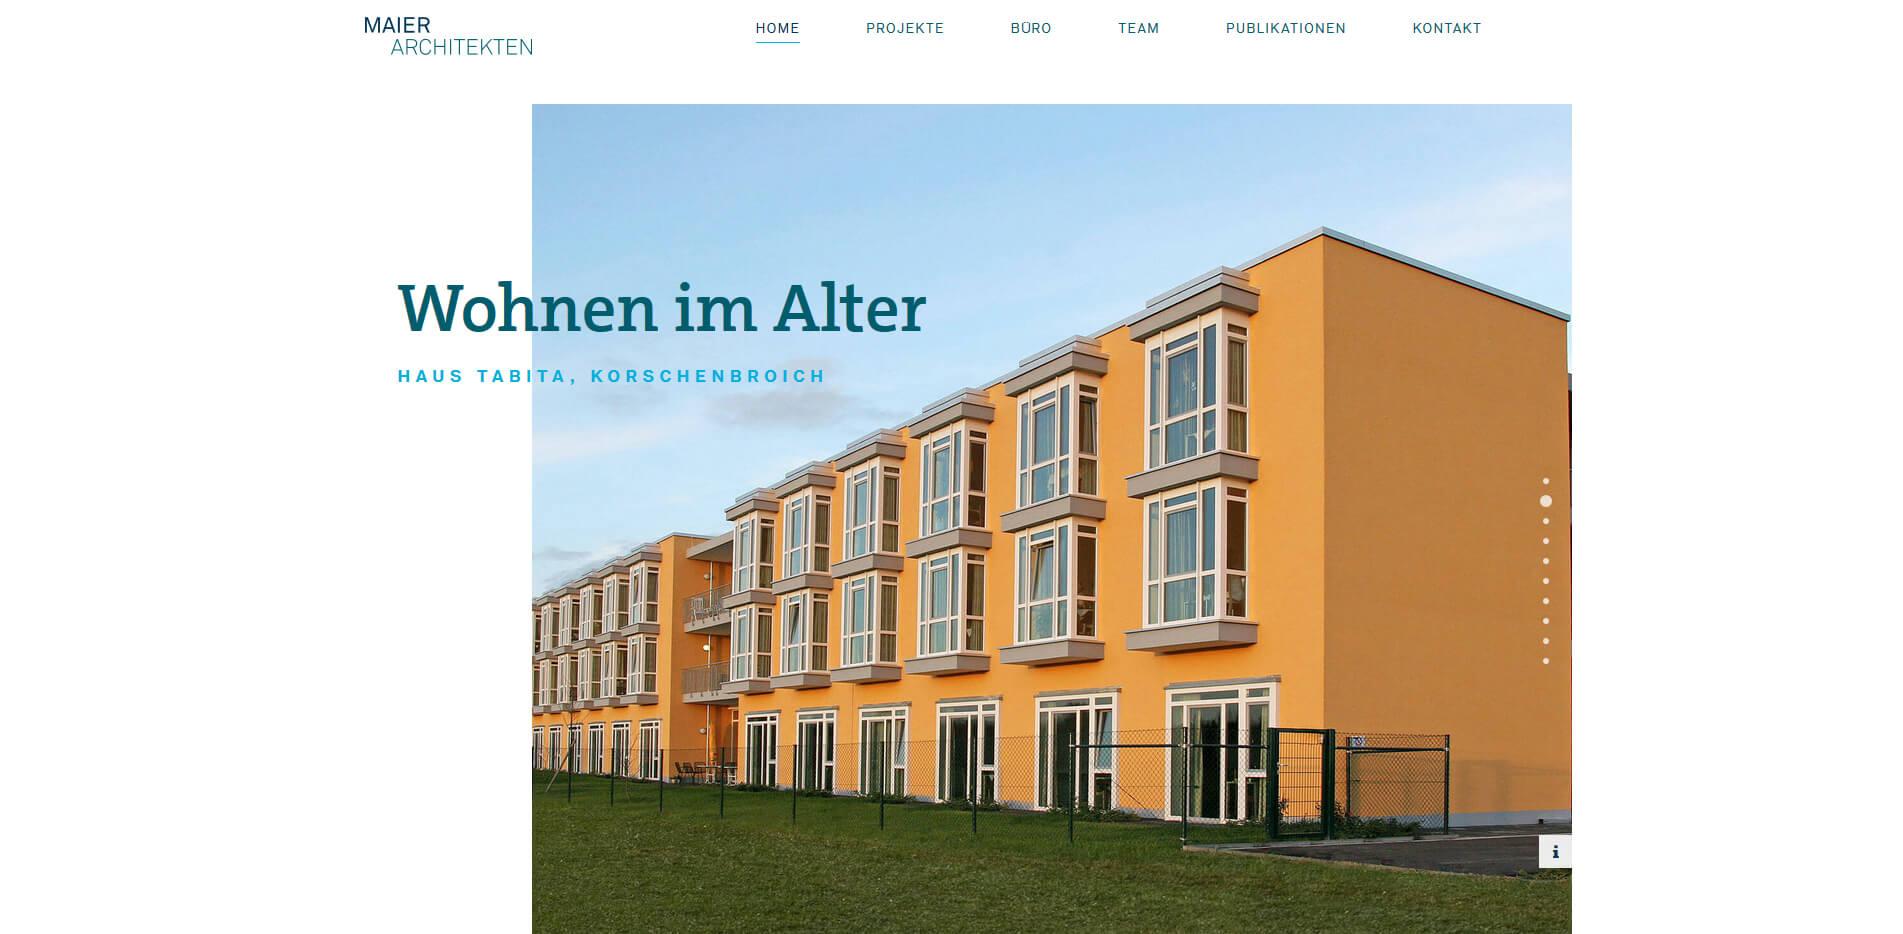 maier-architekten-koeln-01